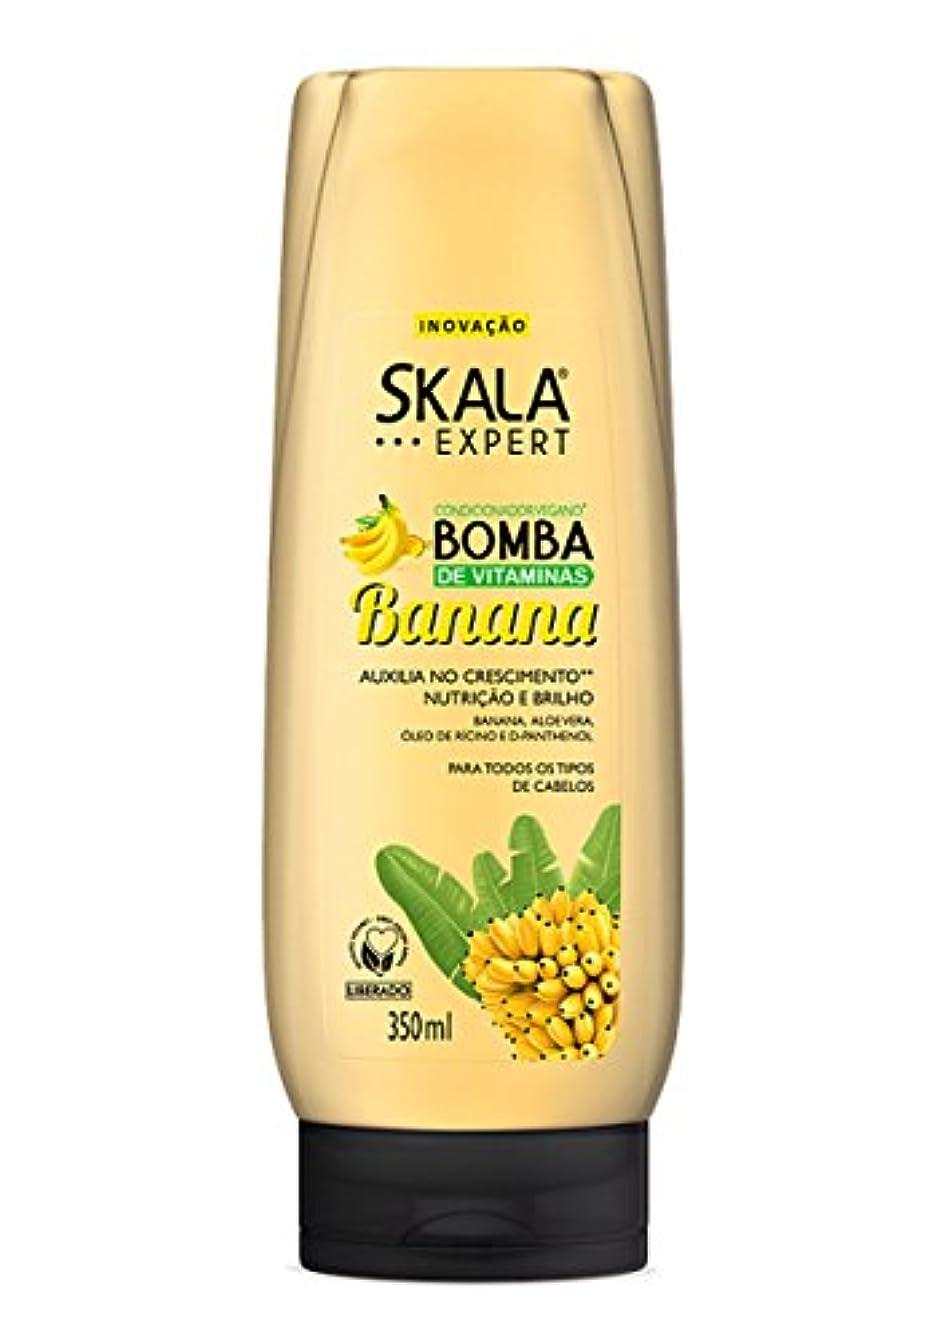 いらいらさせる中世の周術期Skala Expert スカラ バナナ ビタミン ボンブ コンディショナー:350ml